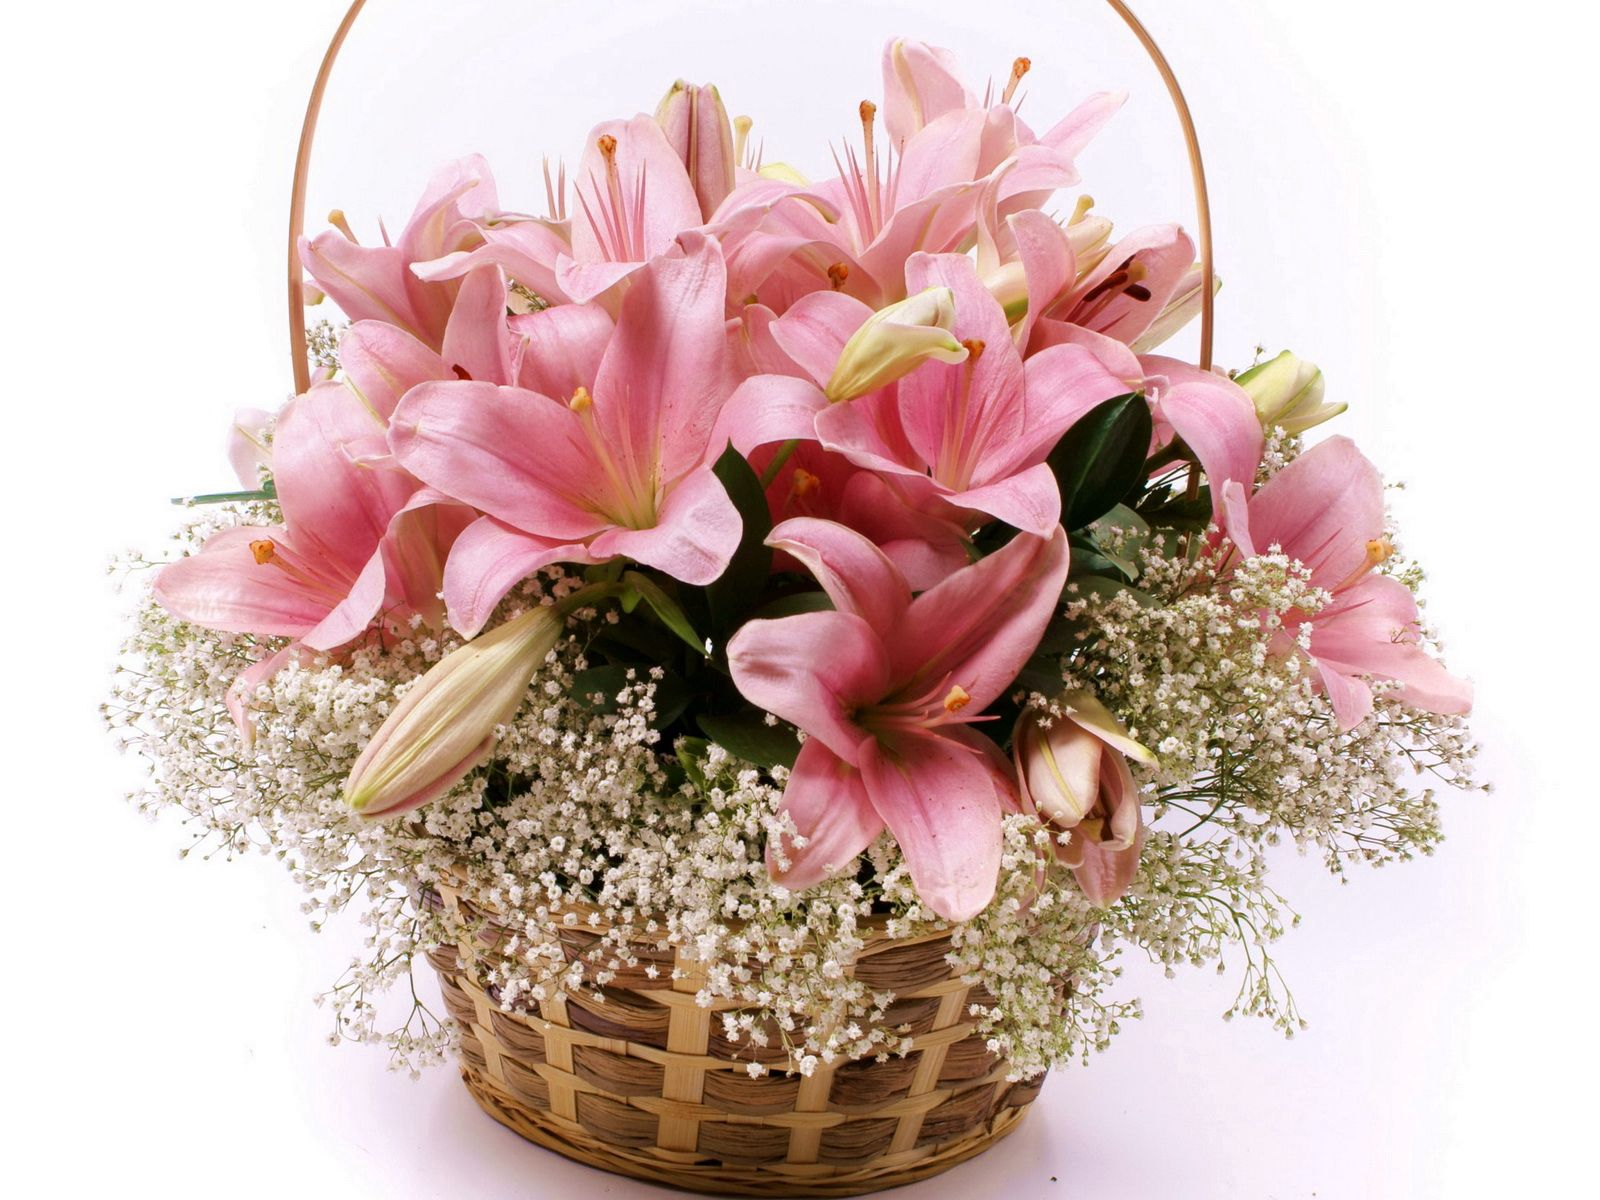 90197 скачать обои Цветы, Лилии, Корзина, Много - заставки и картинки бесплатно